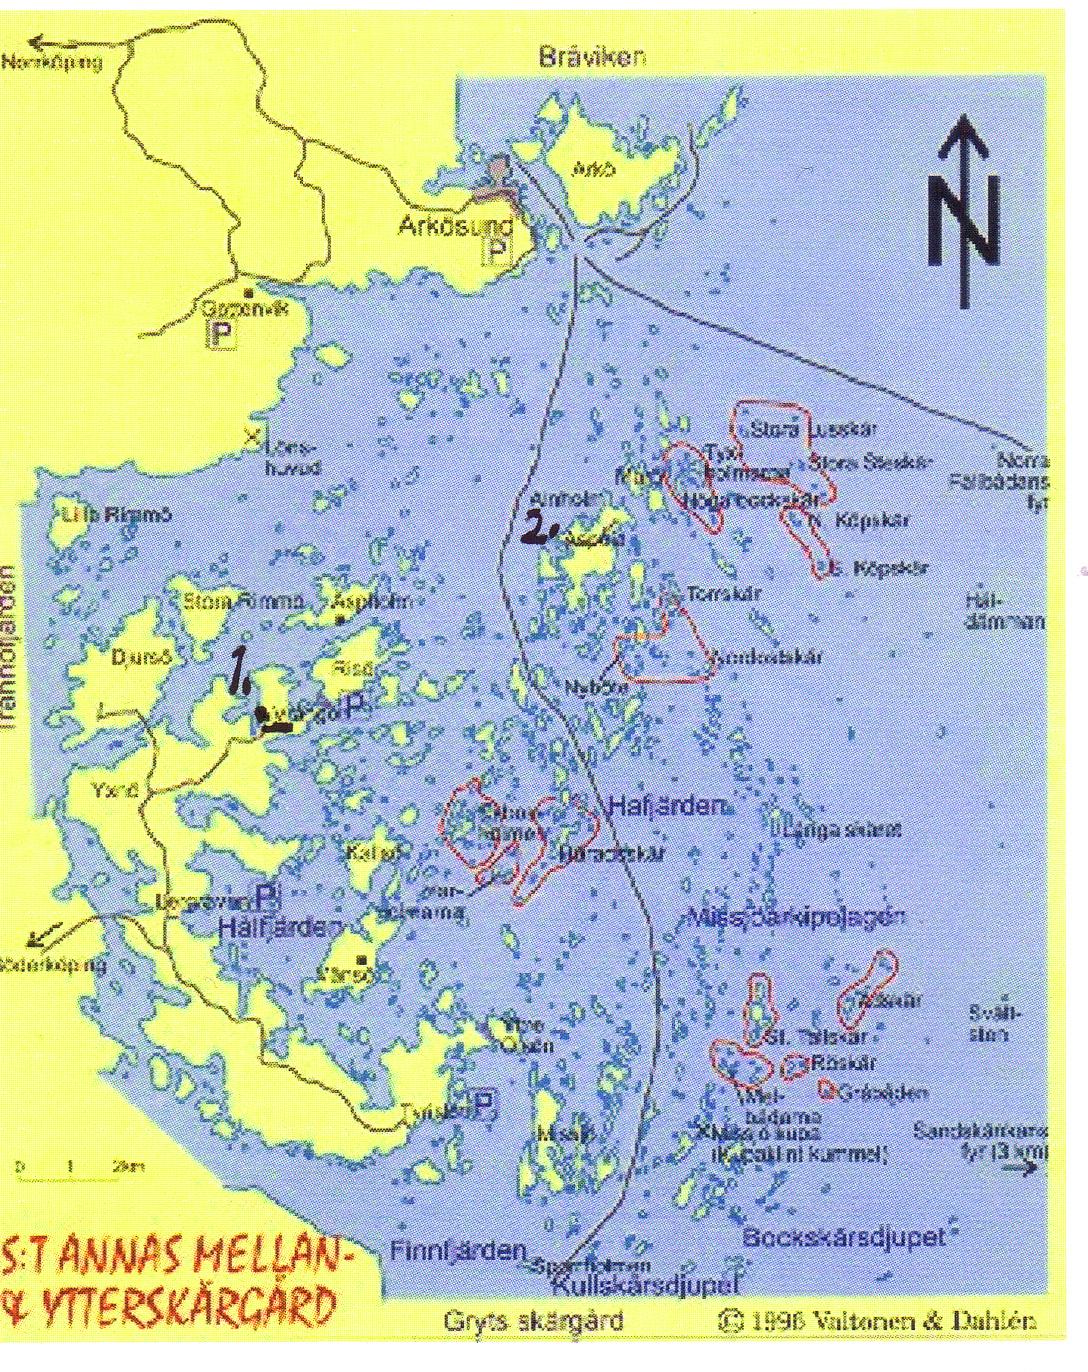 karta sankt annas skärgård MUSIKANTA: Annandagsutflykt till Aspöja karta sankt annas skärgård